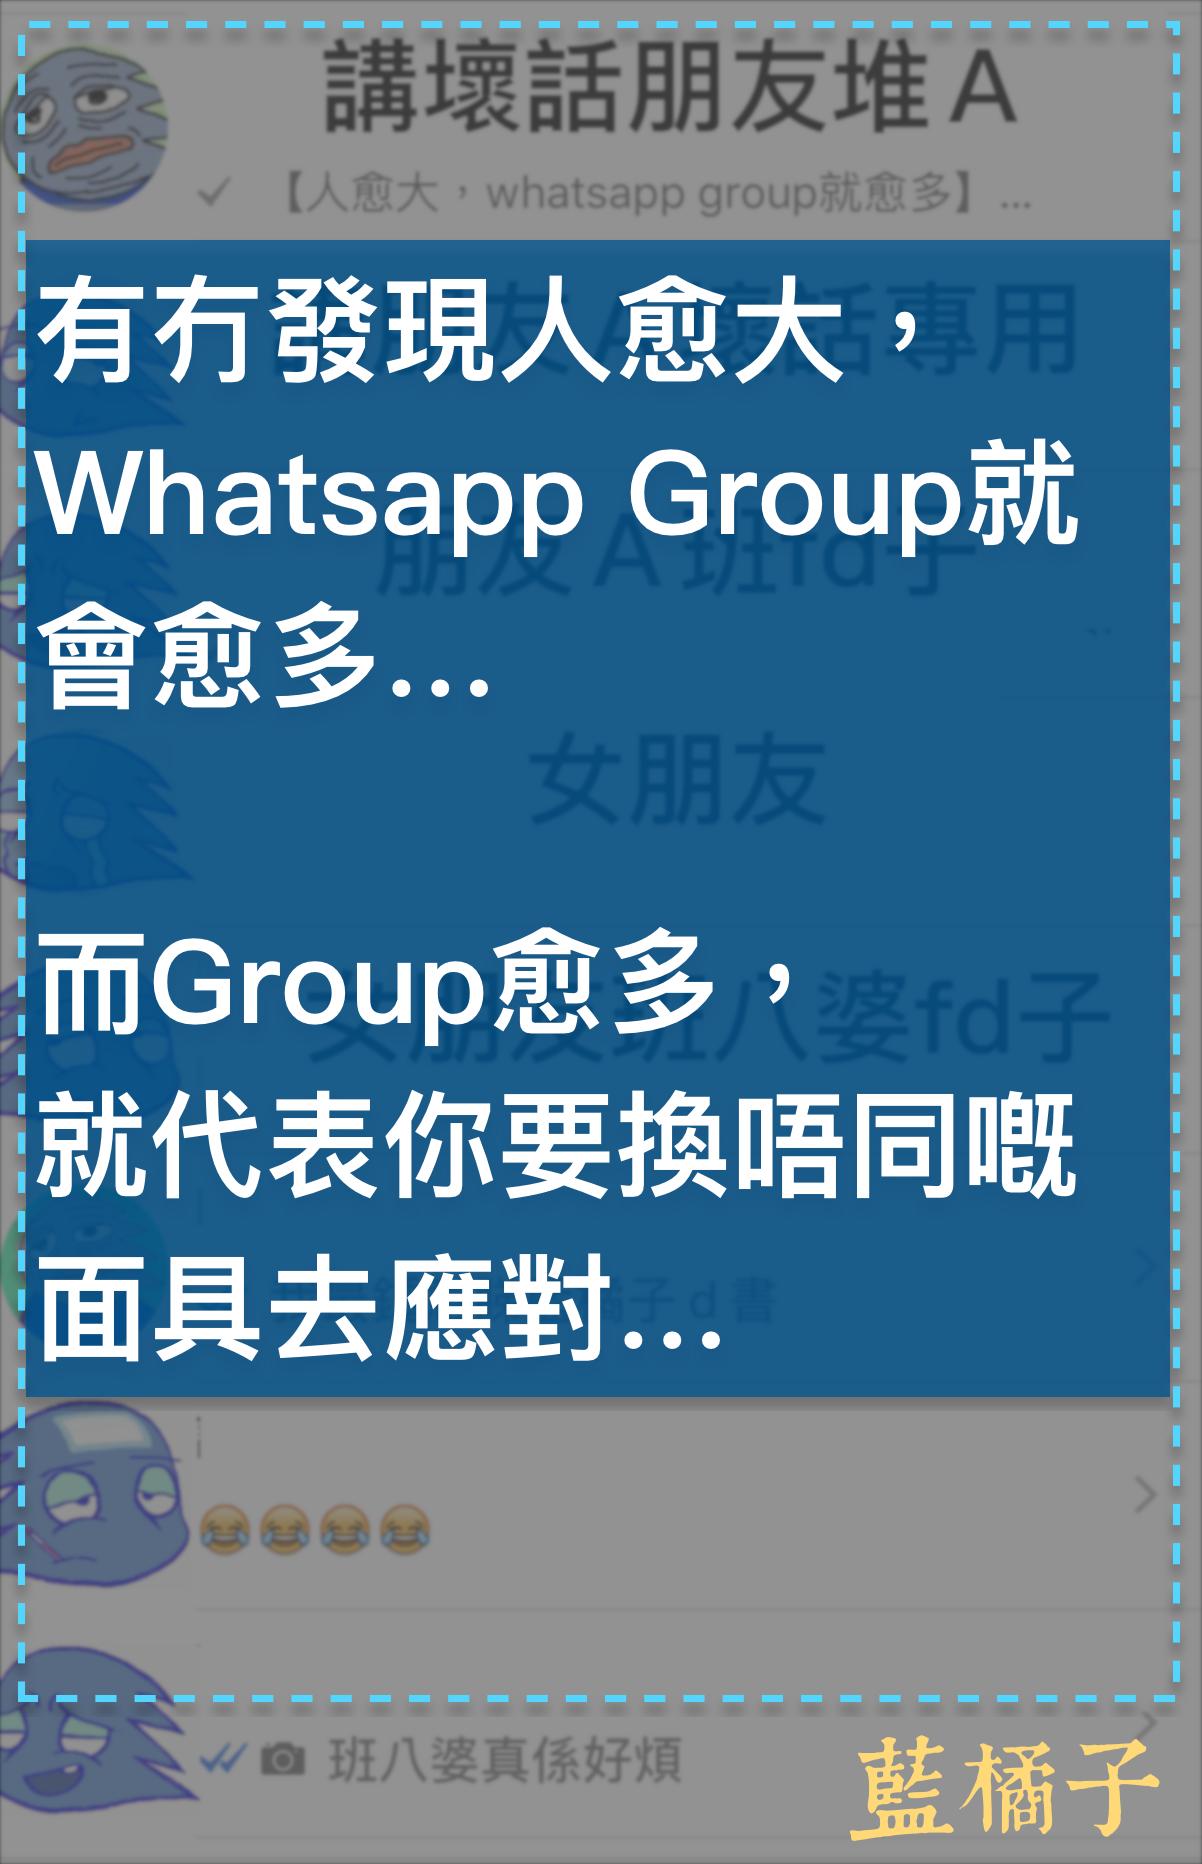 人愈大,whatsapp group就愈多